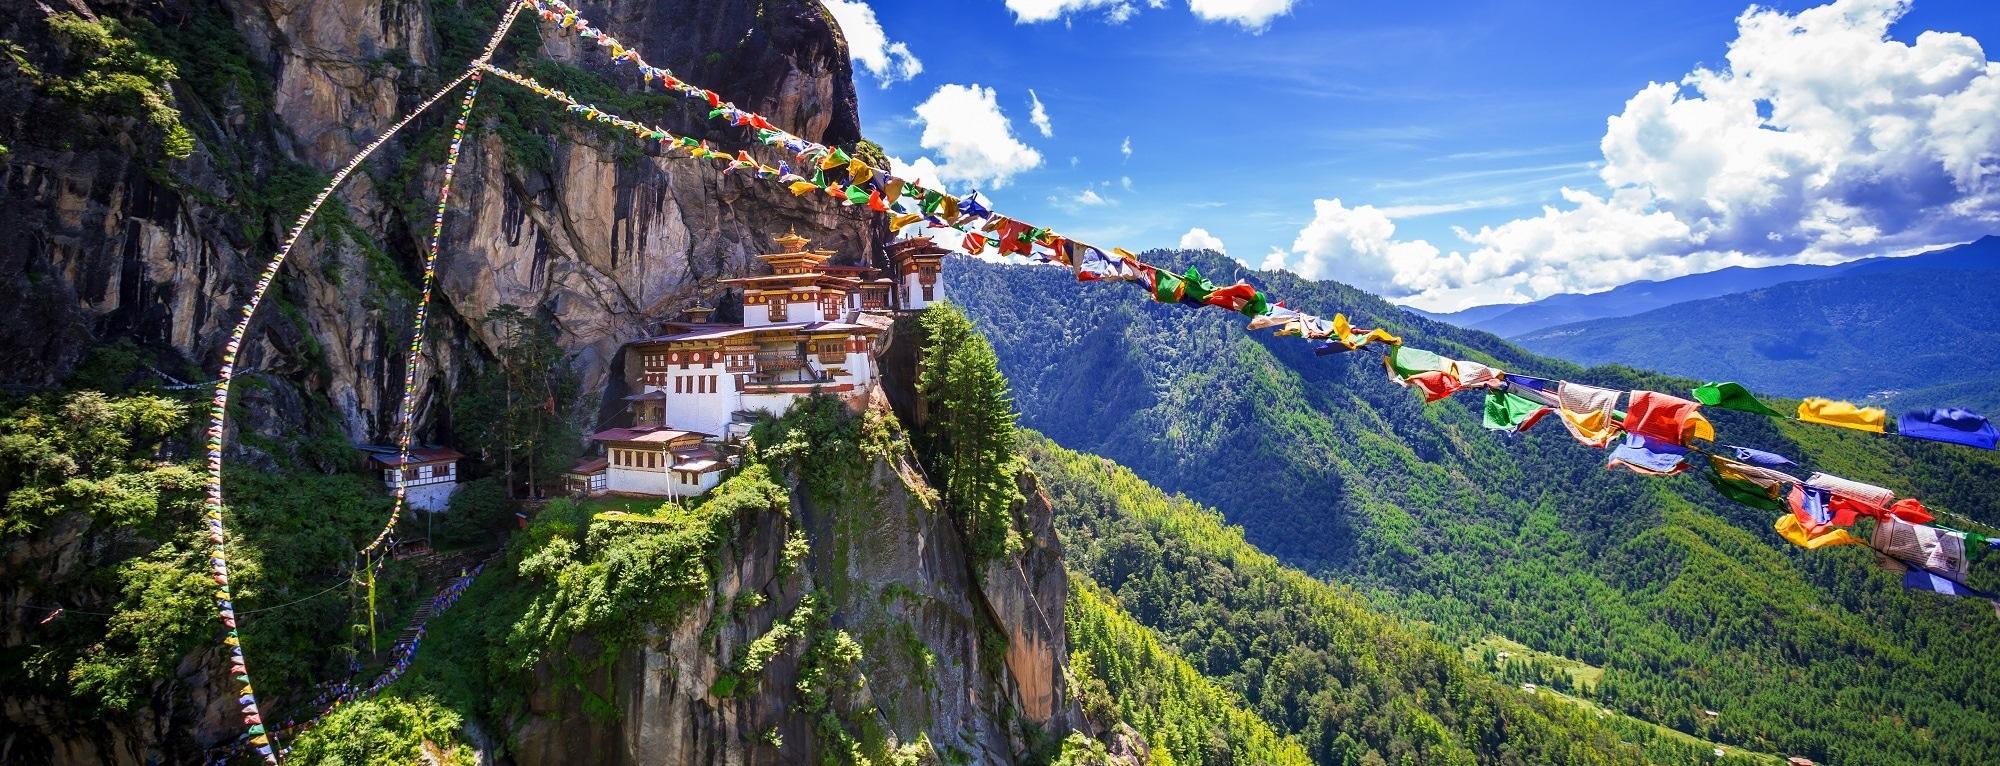 Taktsang Kloster in Bhutan mit Gebetsfahnen